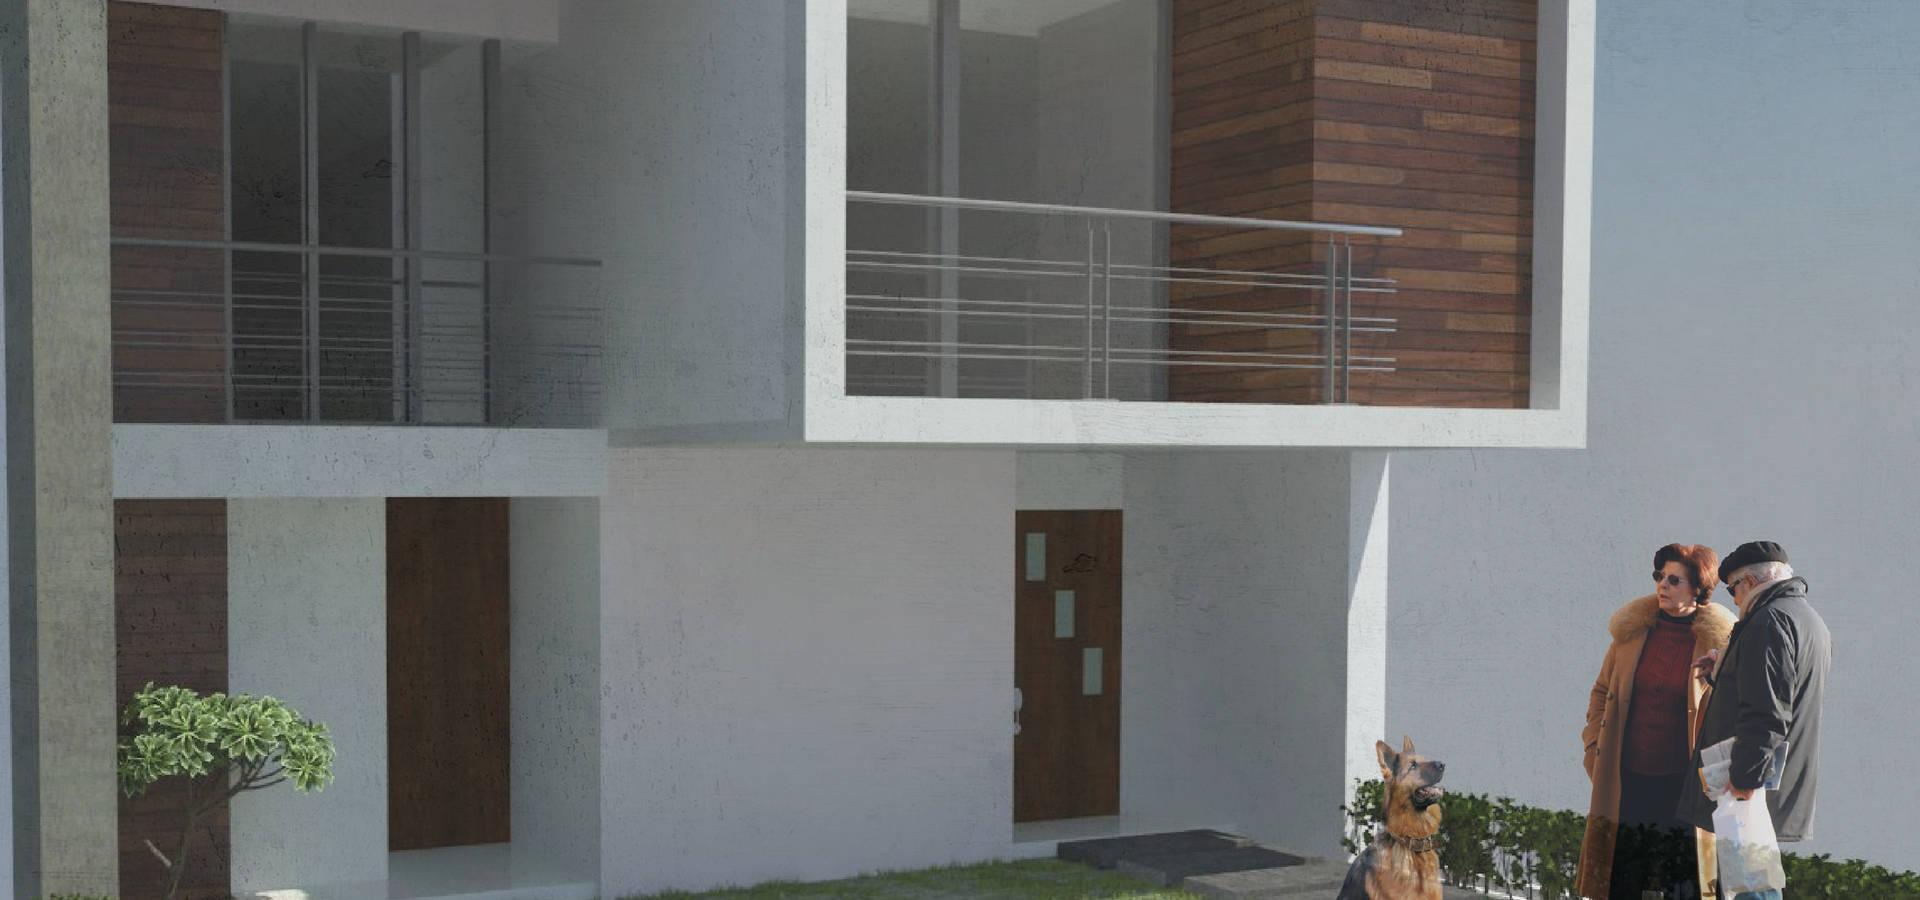 iMPAR taller de arquitectura